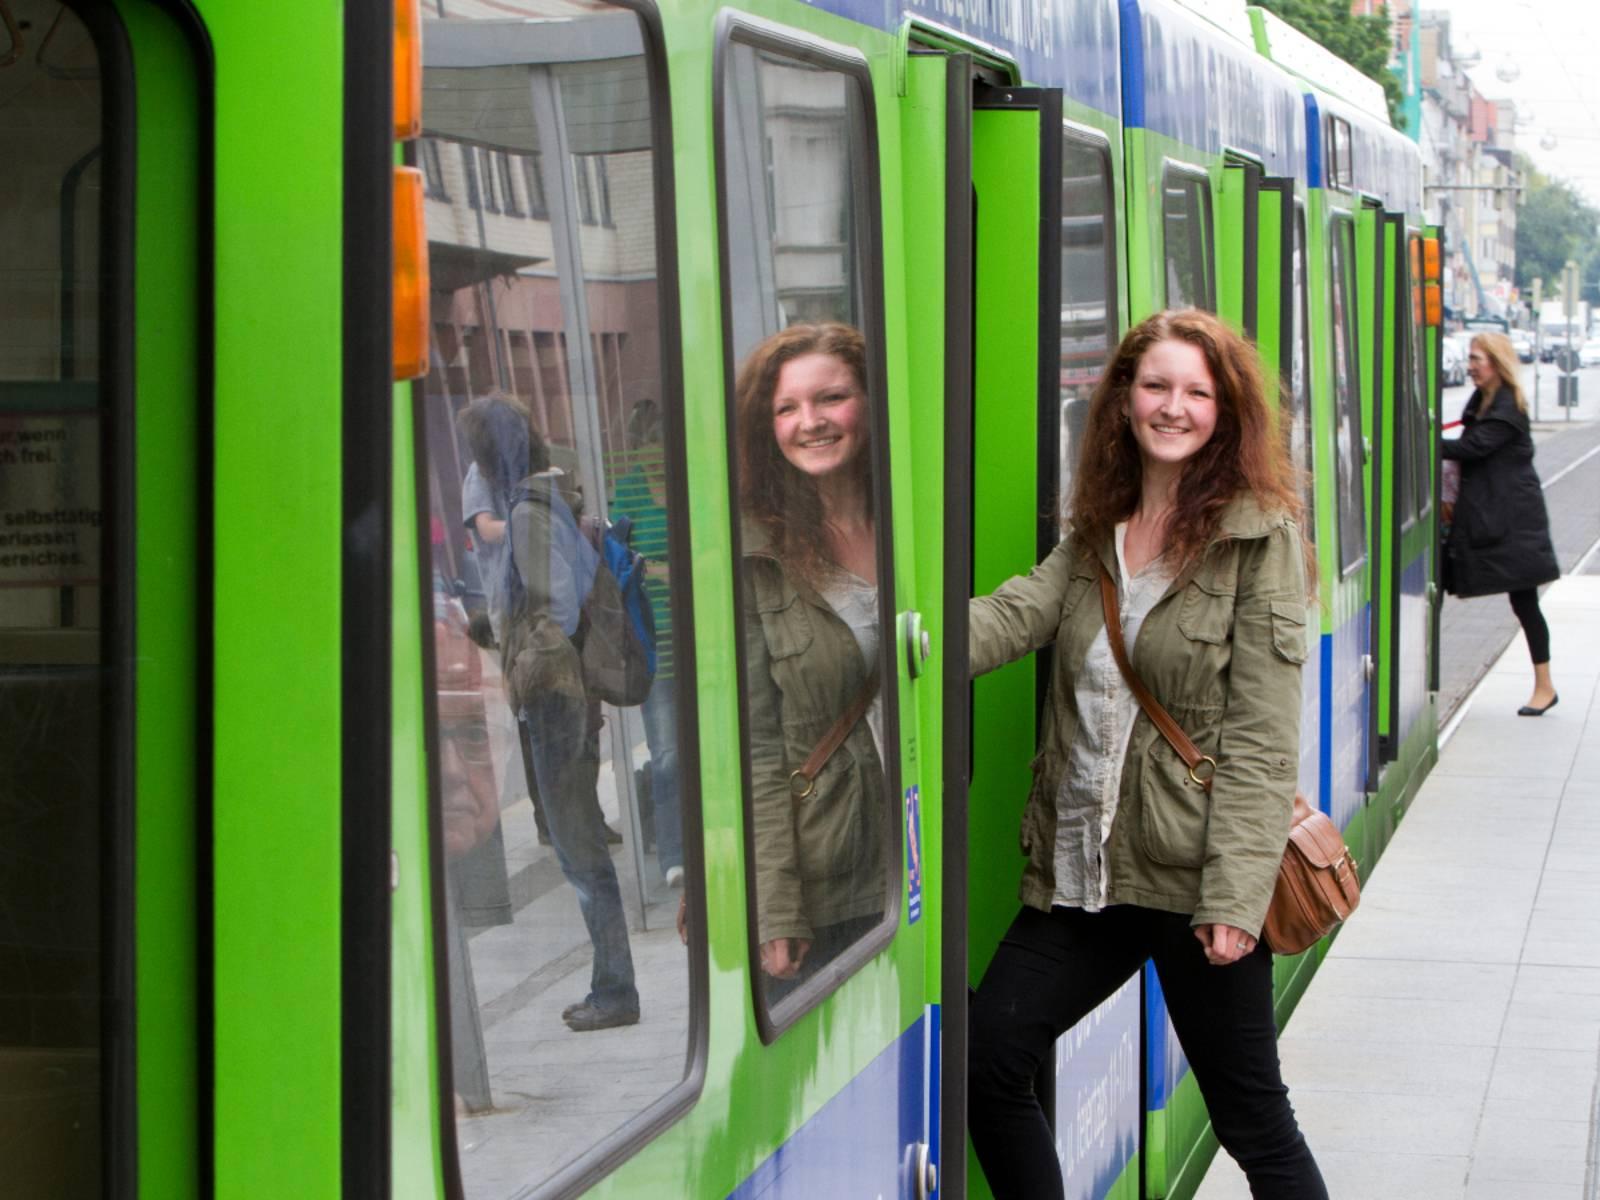 Eine junge Frau steigt in eine Stadtbahn der üstra, ihr Gesicht wird in der Seitenscheibe gespiegelt. Am Fahrzeugkopf steigt eine weitere Person ein.